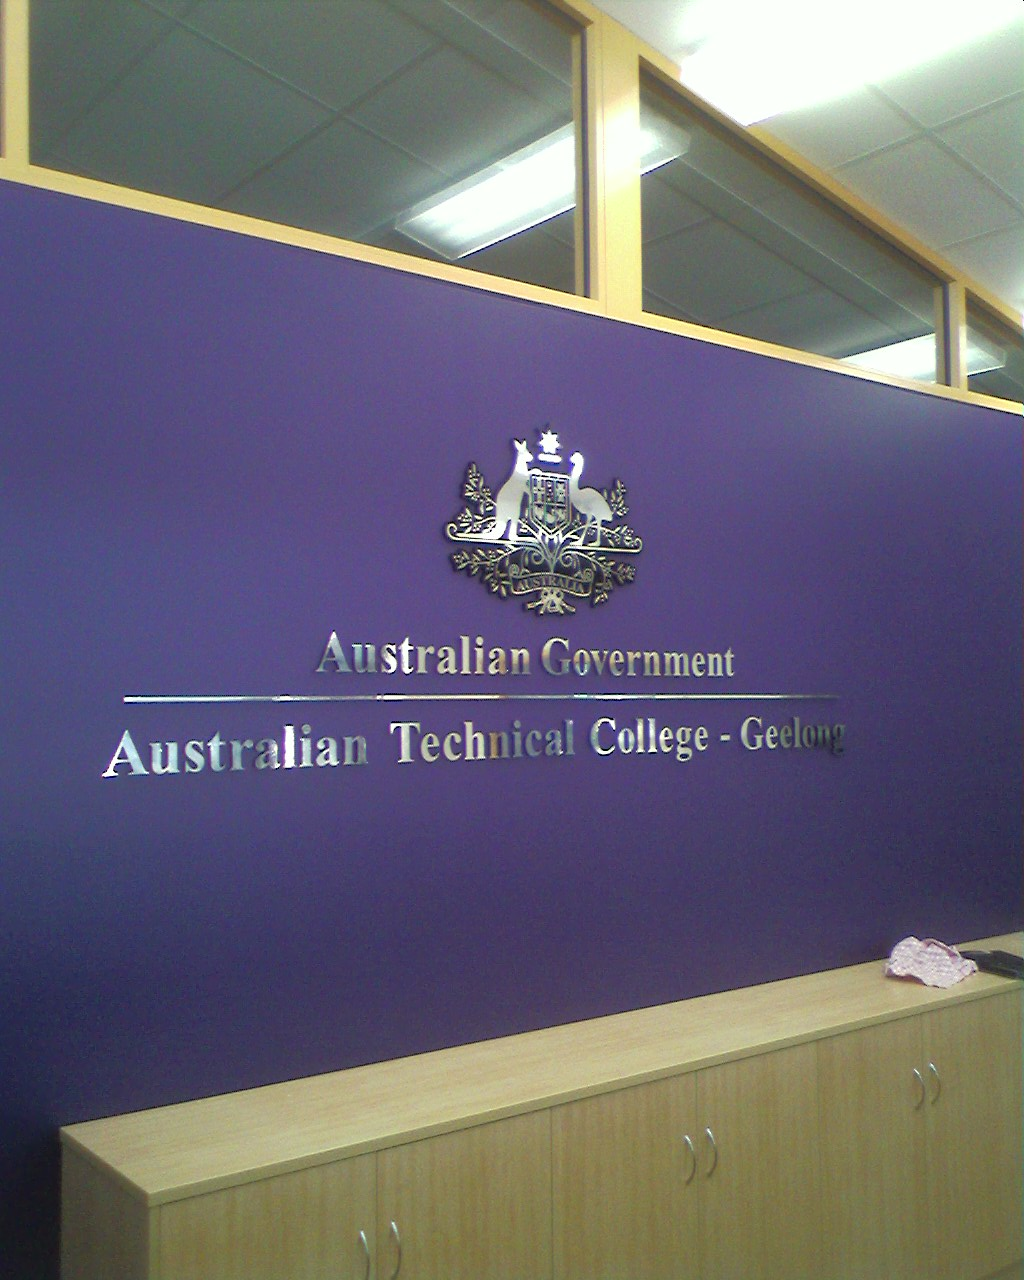 Aus Tech College 2 Signs Geelong.jpg